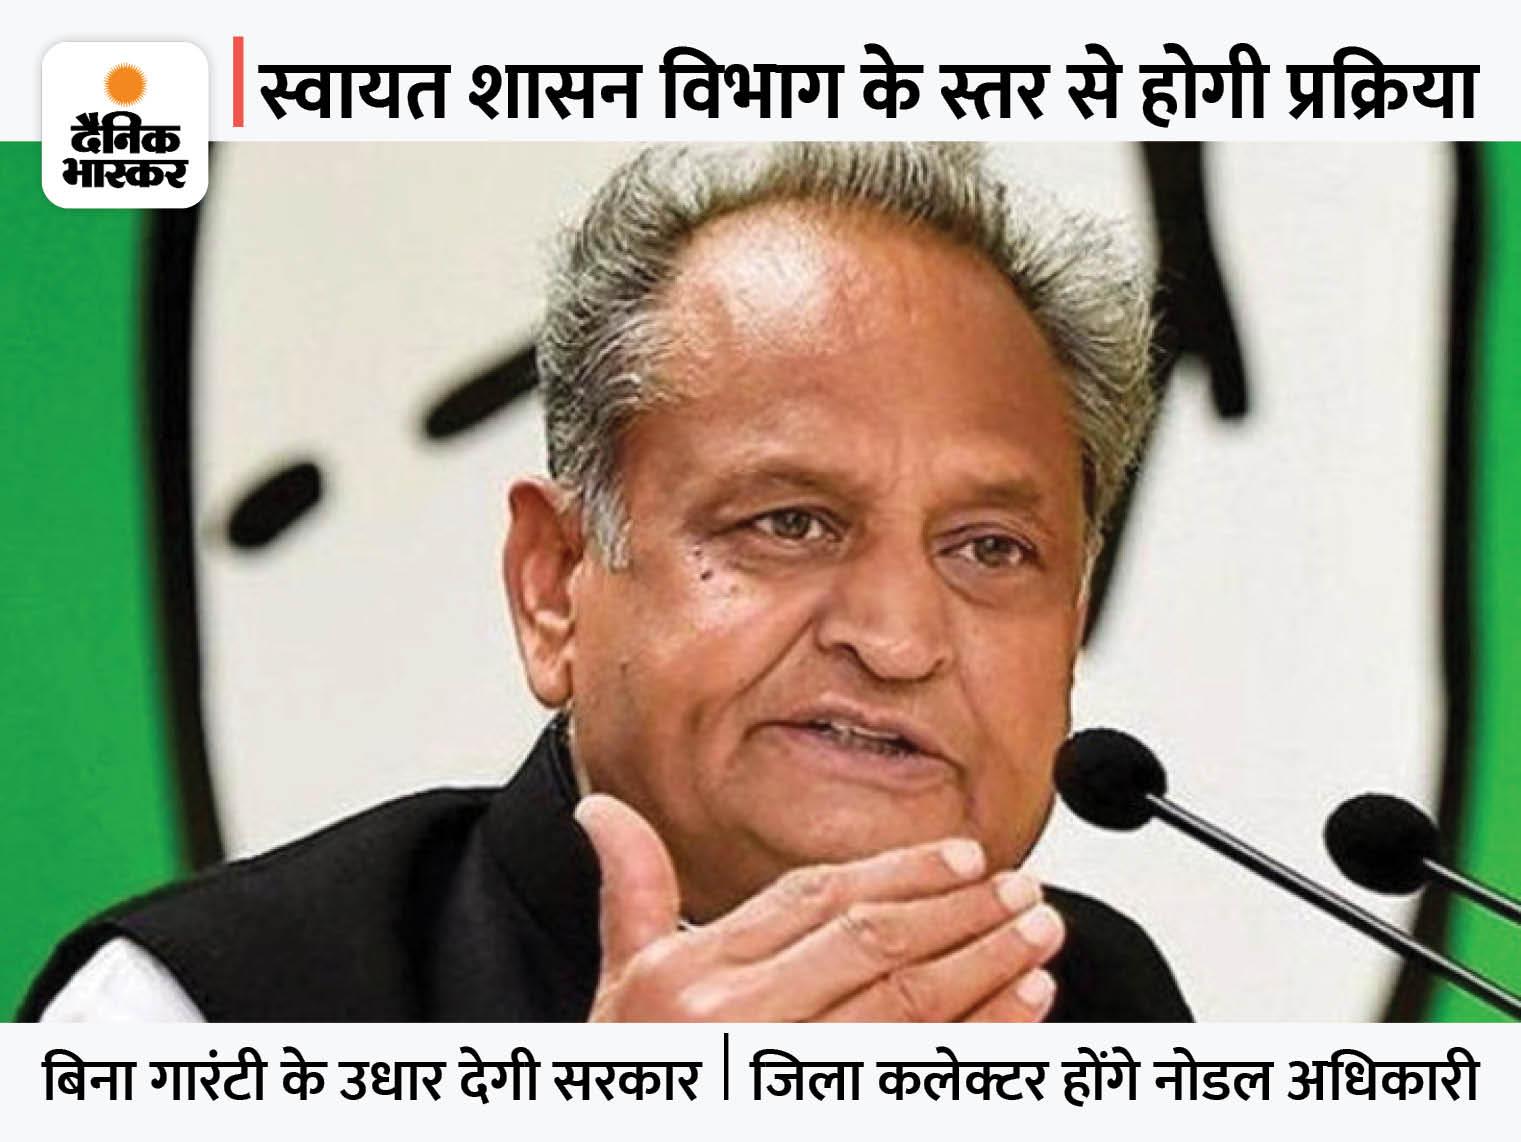 एक साल के लिए बिना गारंटी ले सकेंगे कर्ज, भुगतान 3 माह बाद से;राजस्थान सरकार ने शुरू की इंदिरा गांधी क्रेडिट कार्ड योजना जयपुर,Jaipur - Dainik Bhaskar